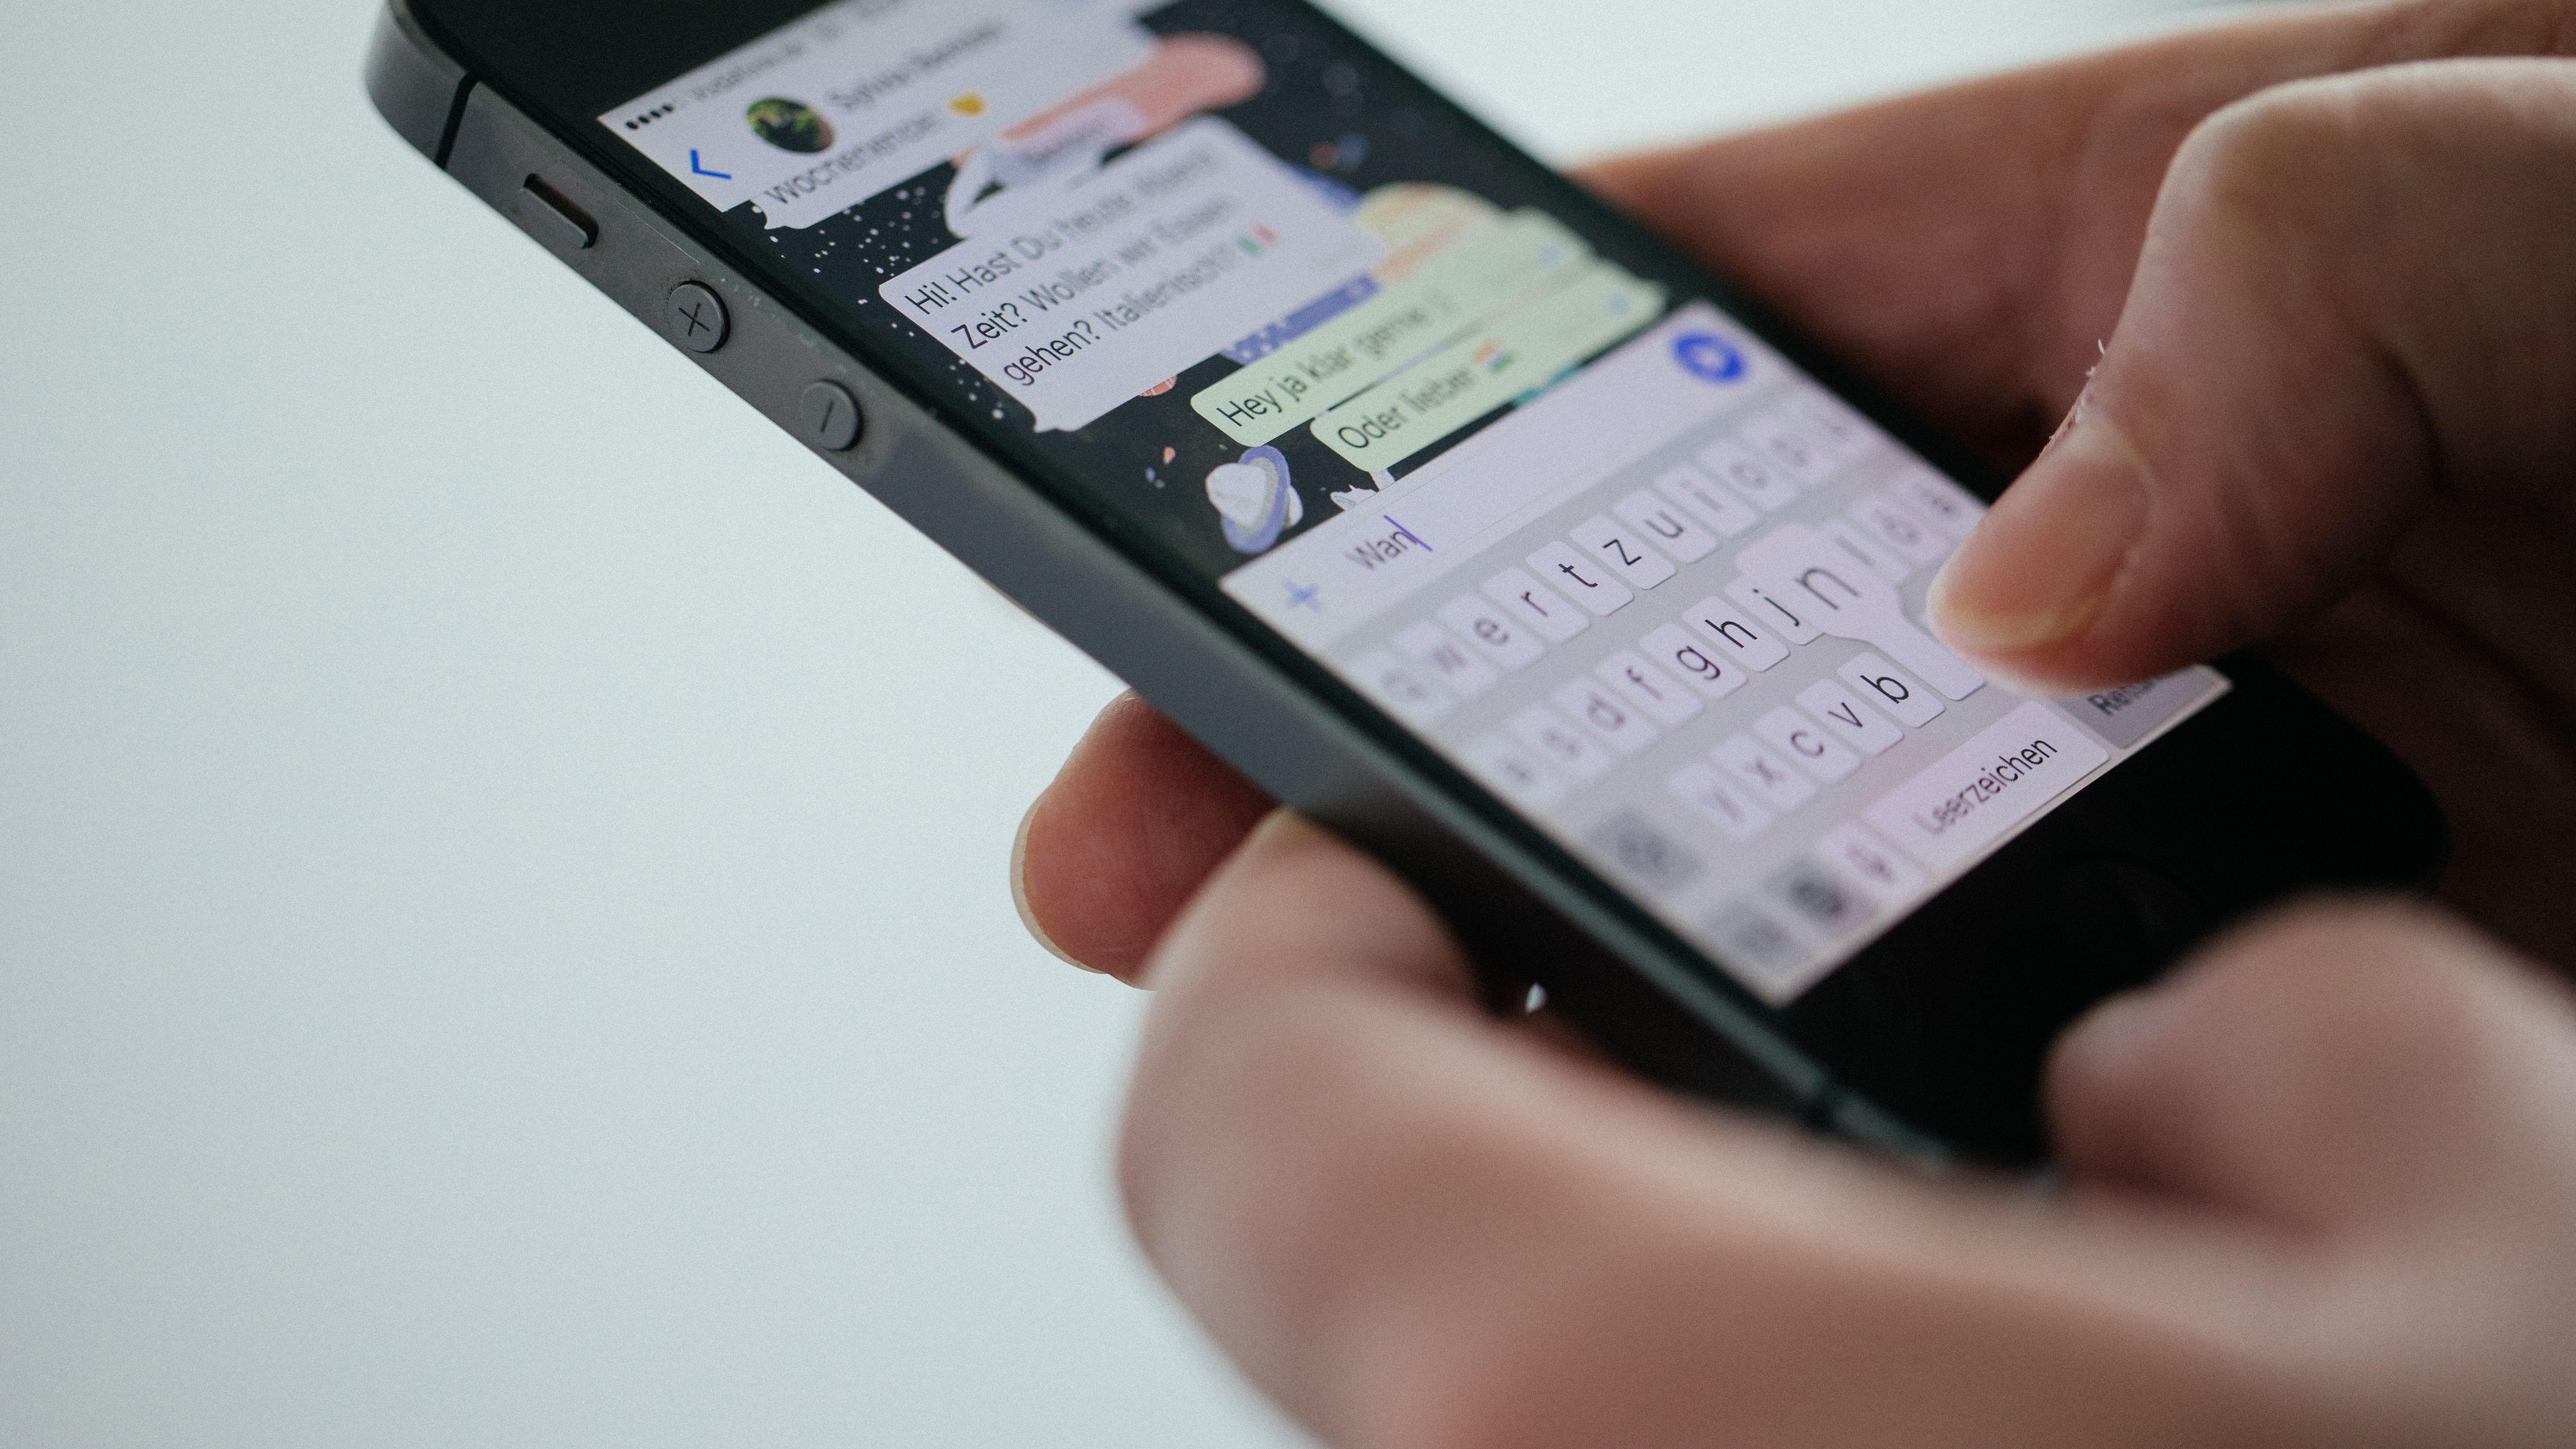 Über Suchmaschinen kann sich jeder potentiell Zutritt zu einer WhatsApp-Gruppe verschaffen. Man kann den Link jedoch zurücksetzen.